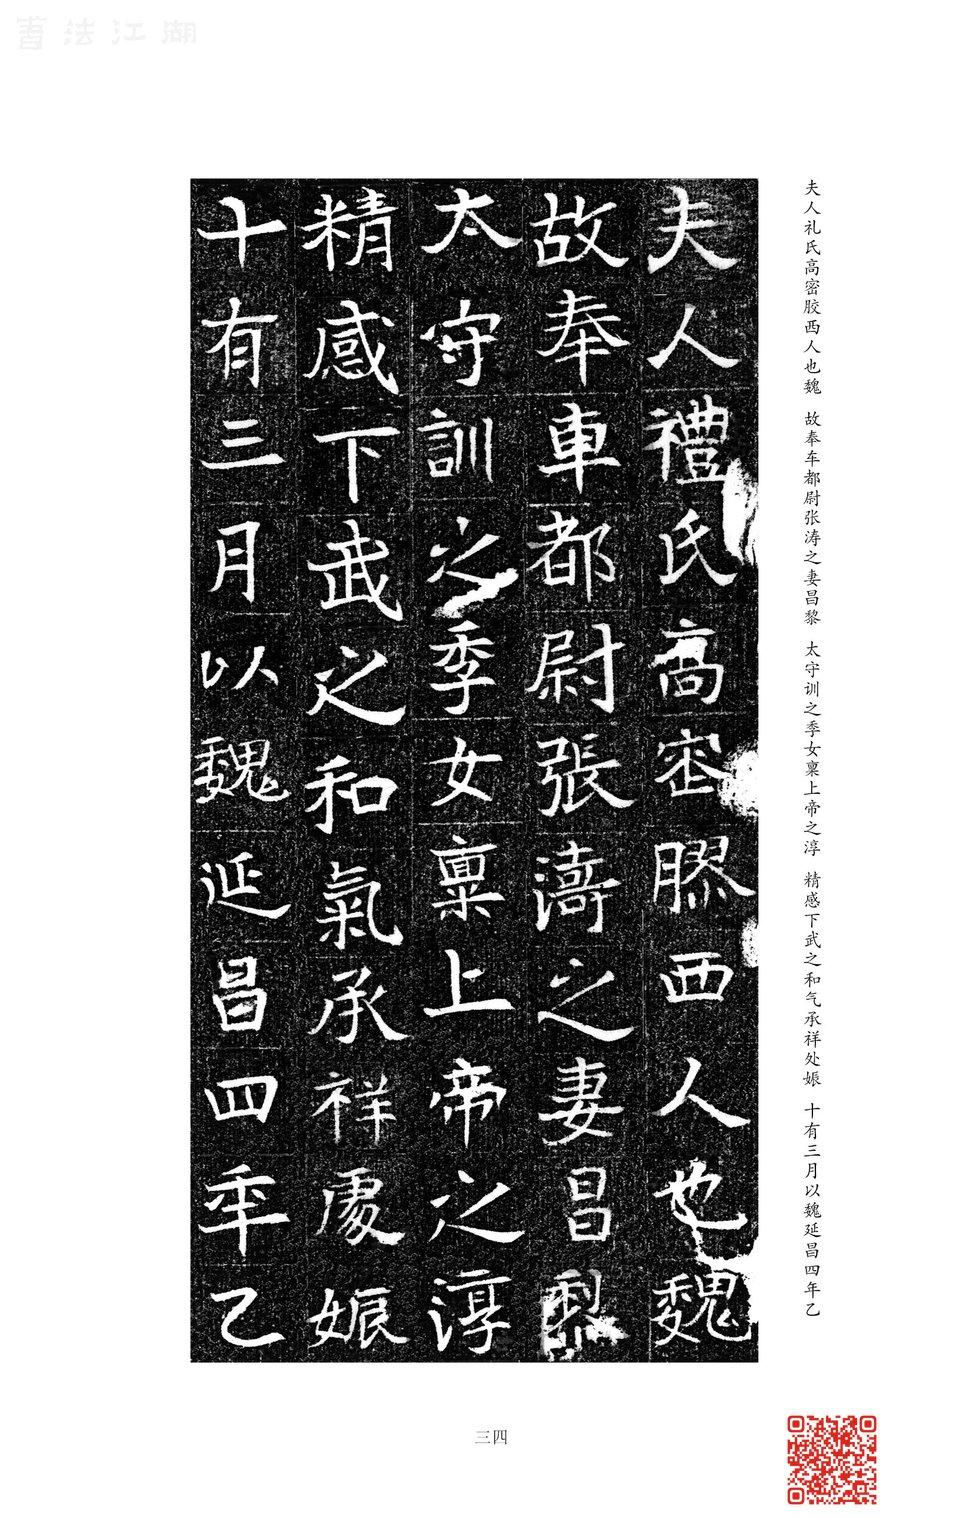 1-楷书发展(上)从隶书到隋楷的过渡-内页38.jpg